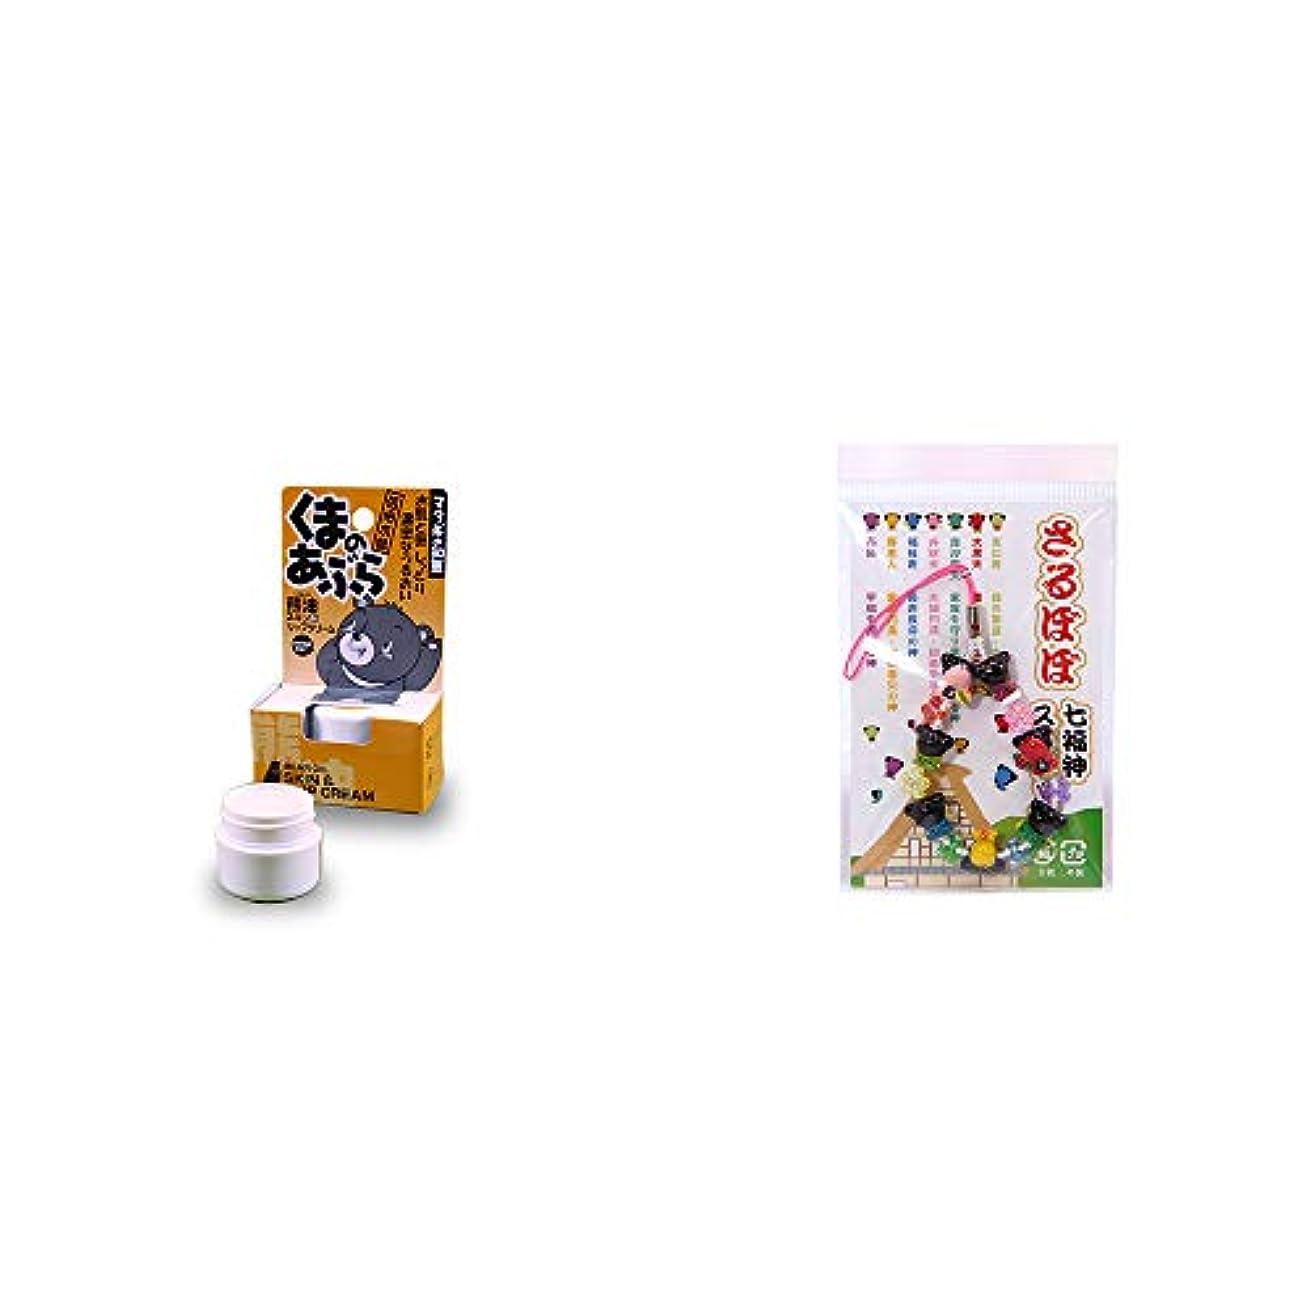 抽象吸収剤永久に[2点セット] 信州木曽 くまのあぶら 熊油スキン&リップクリーム(9g)?さるぼぼ七福神ストラップ/縁結び?魔除け //